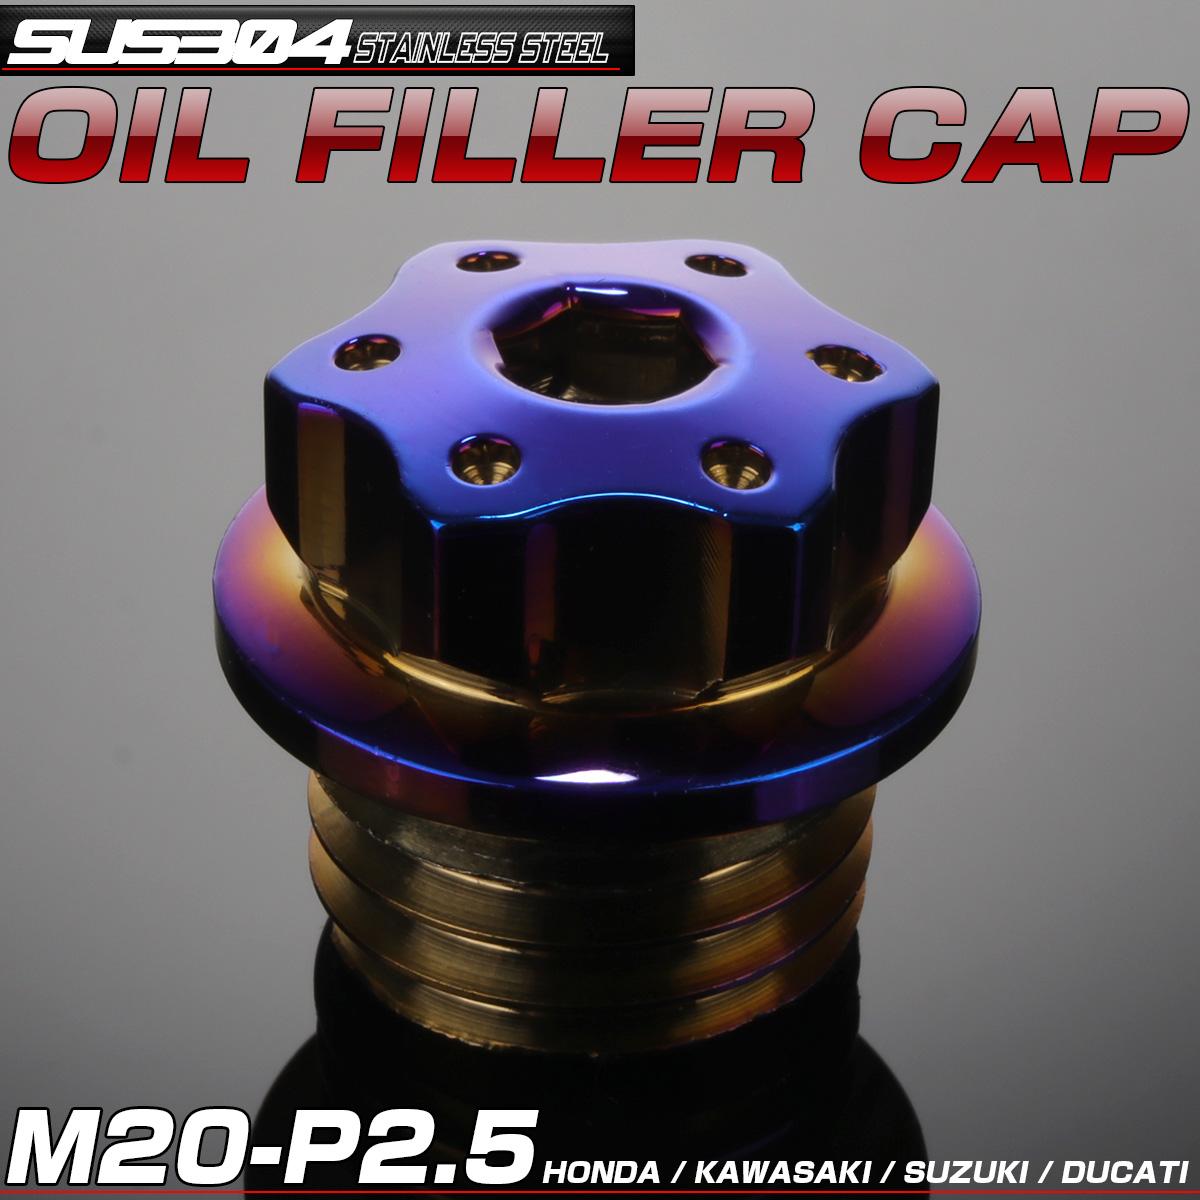 汎用 オイルフィラーキャップ M20 P2.5 六角ホールヘッド 焼きチタン SUS304 ステンレス ホンダ ヤマハ カワサキ ドゥカティ等 TH0265